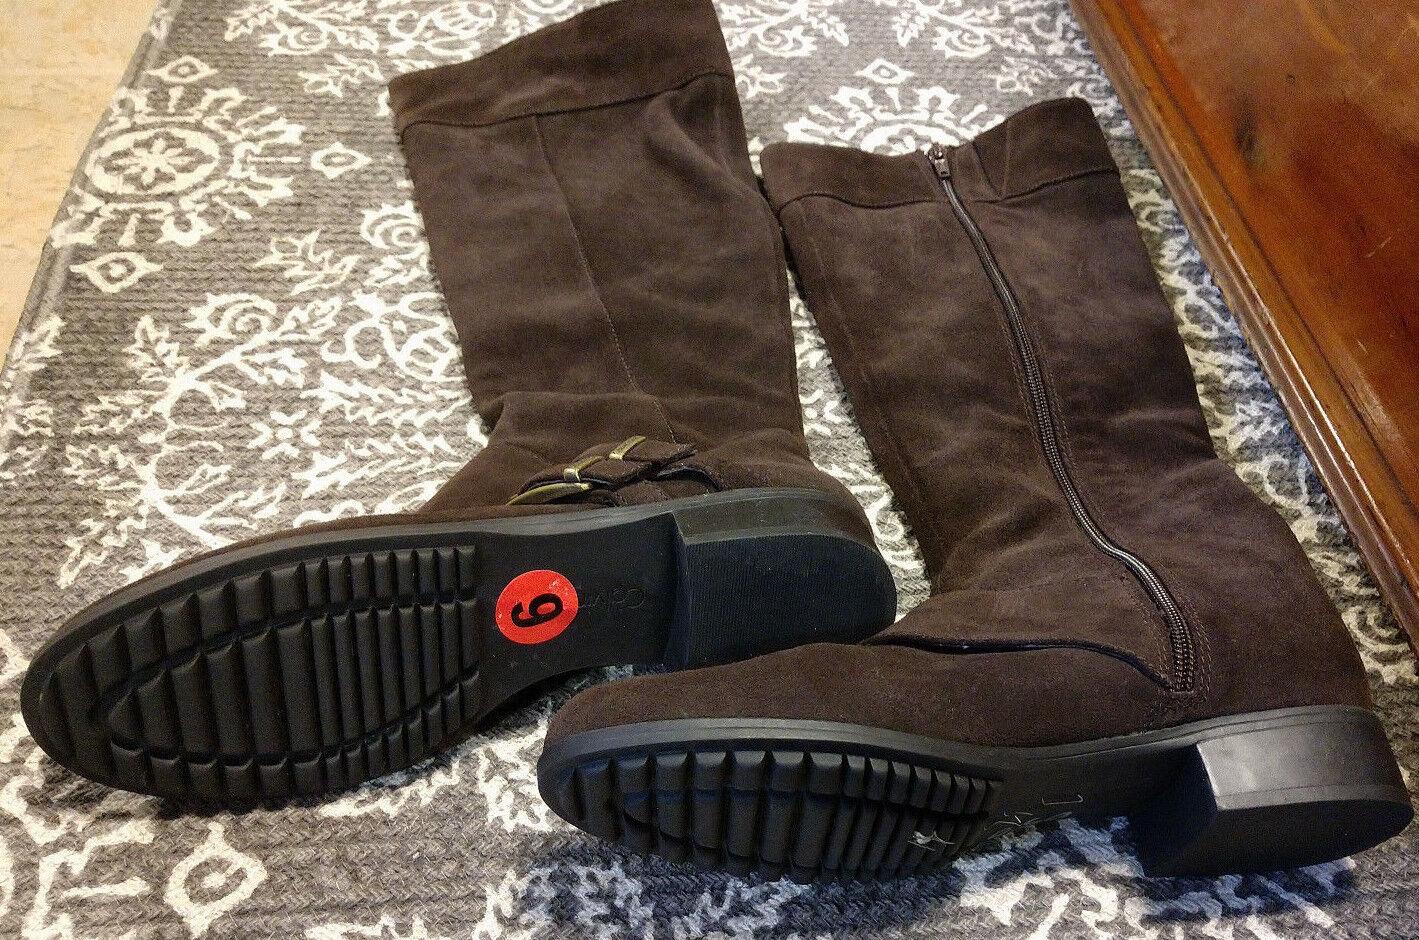 Calvin Klein Chocolate Braun Espresso Suede Stiefel 6M Knee High Full New Full High Zip 86576f